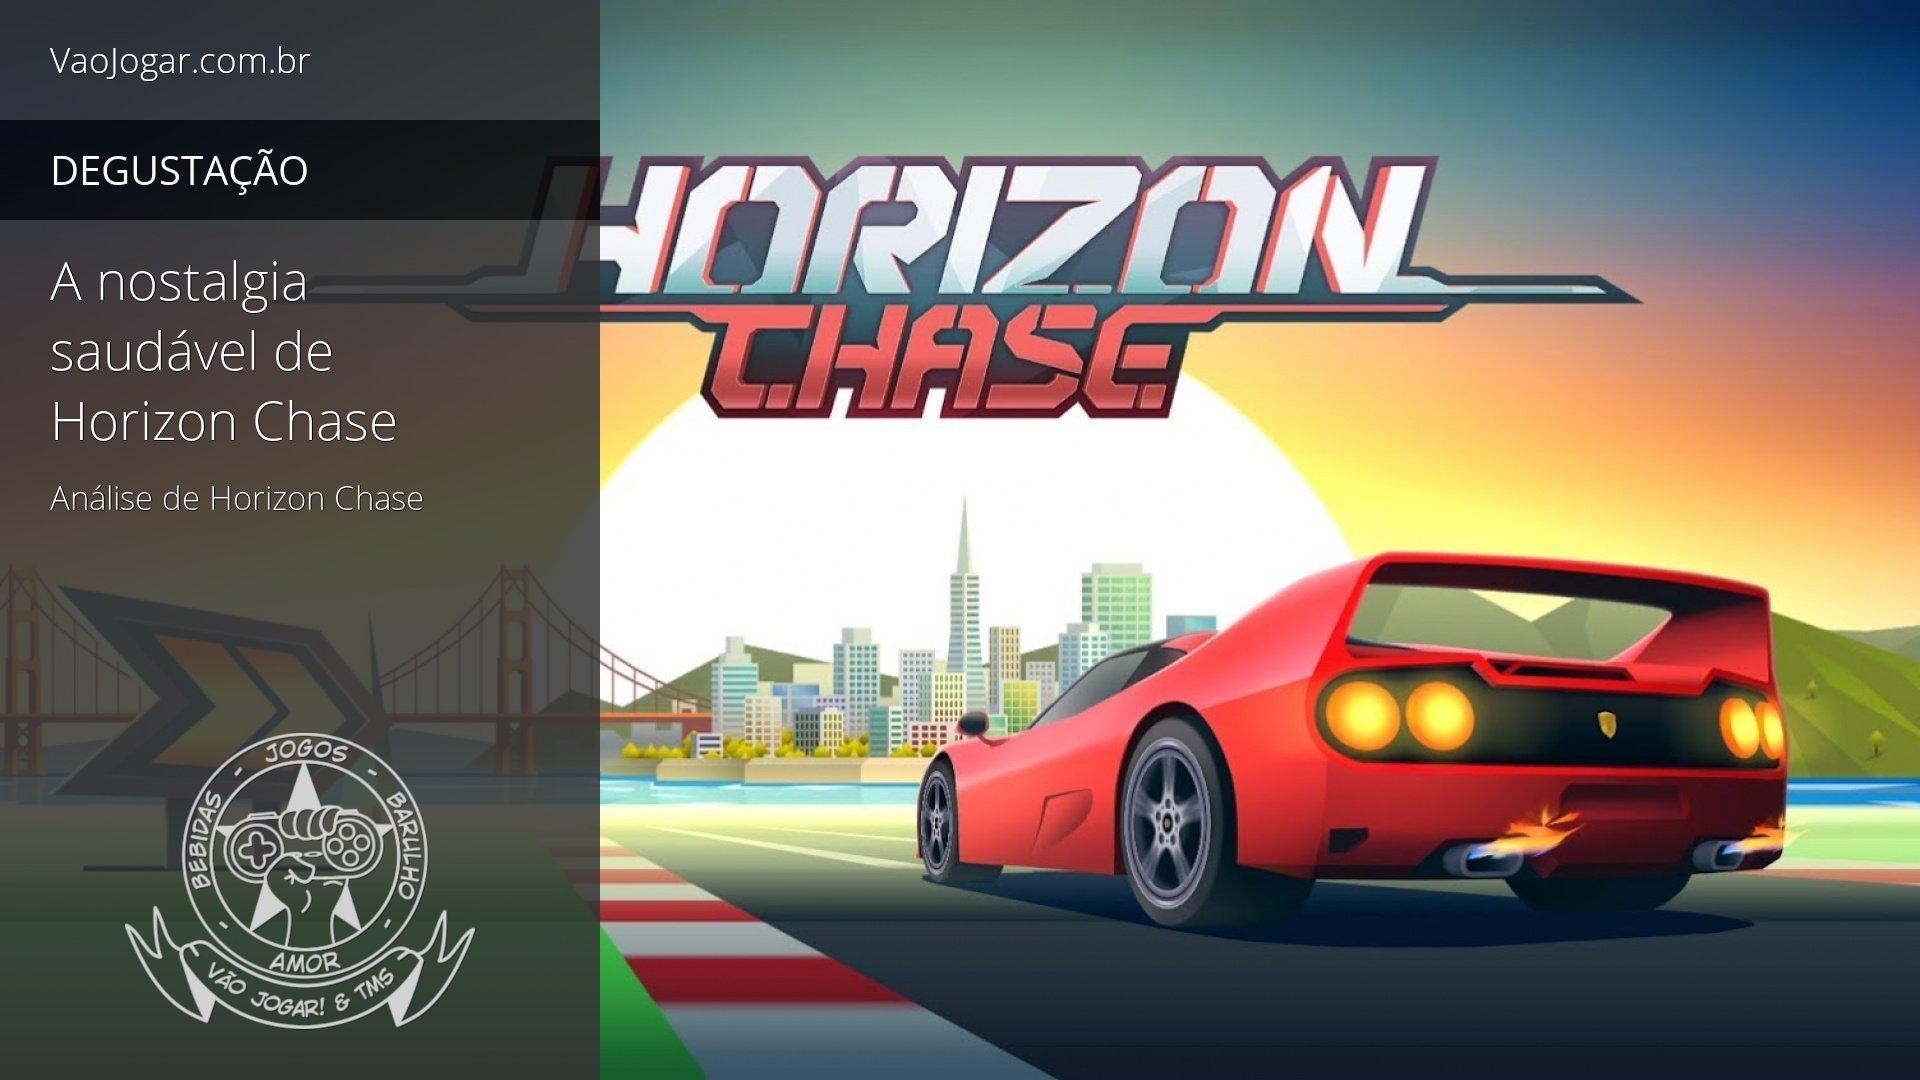 A Nostalgia Saudável De Horizon Chase